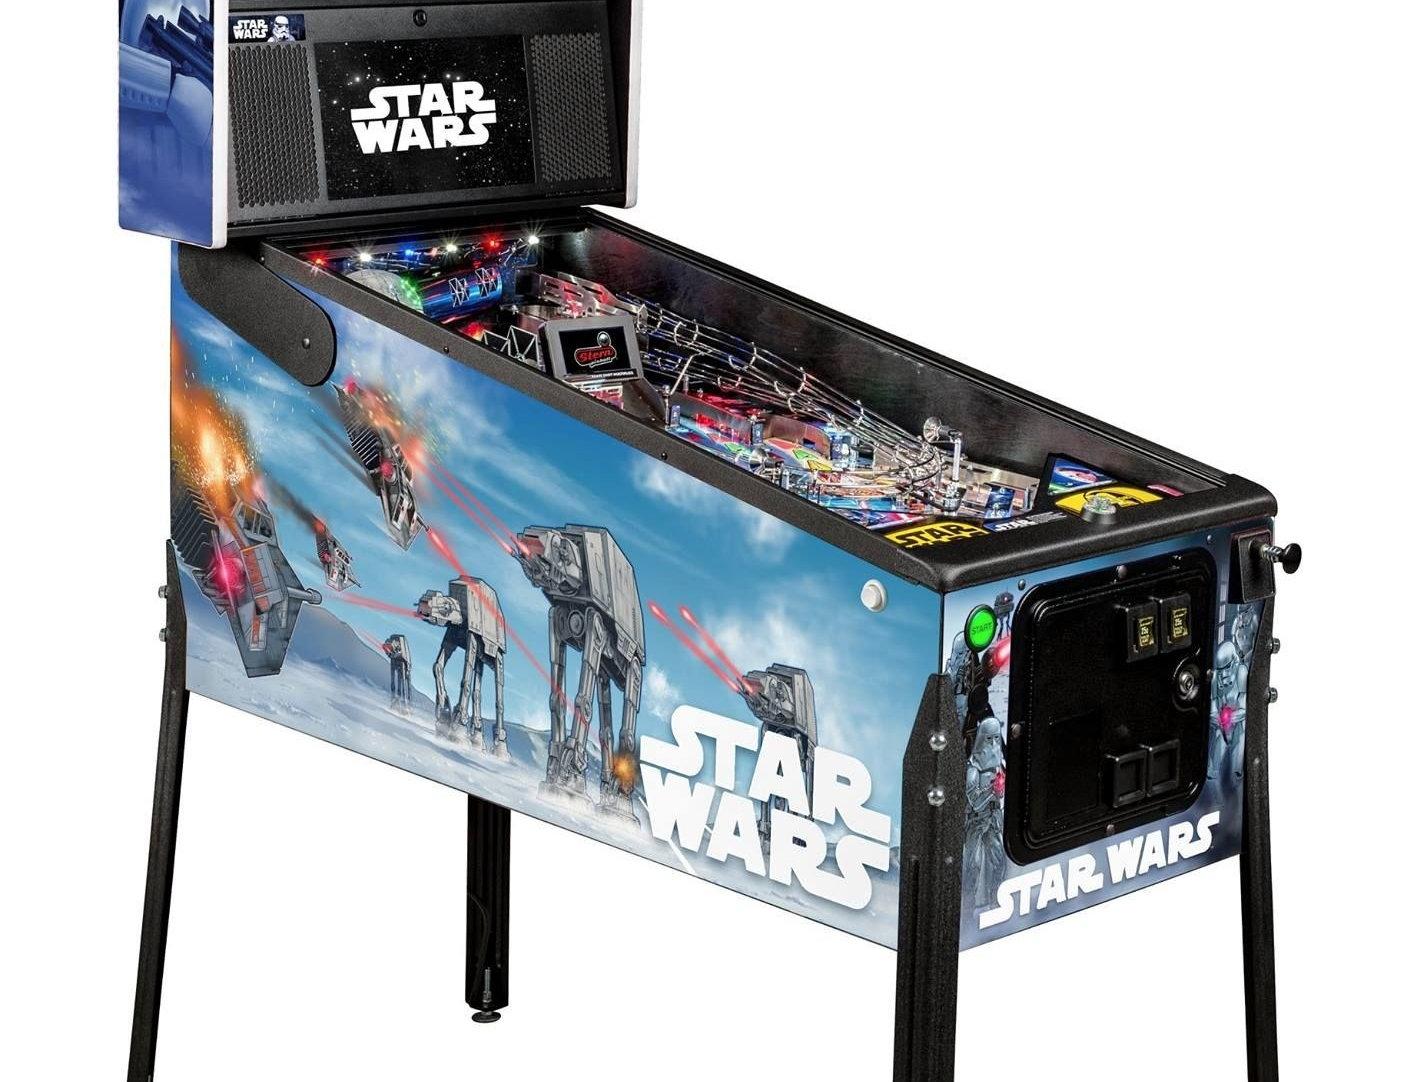 Star Wars Pinball Machine >> Star Wars Pinball Machine Premium Edition